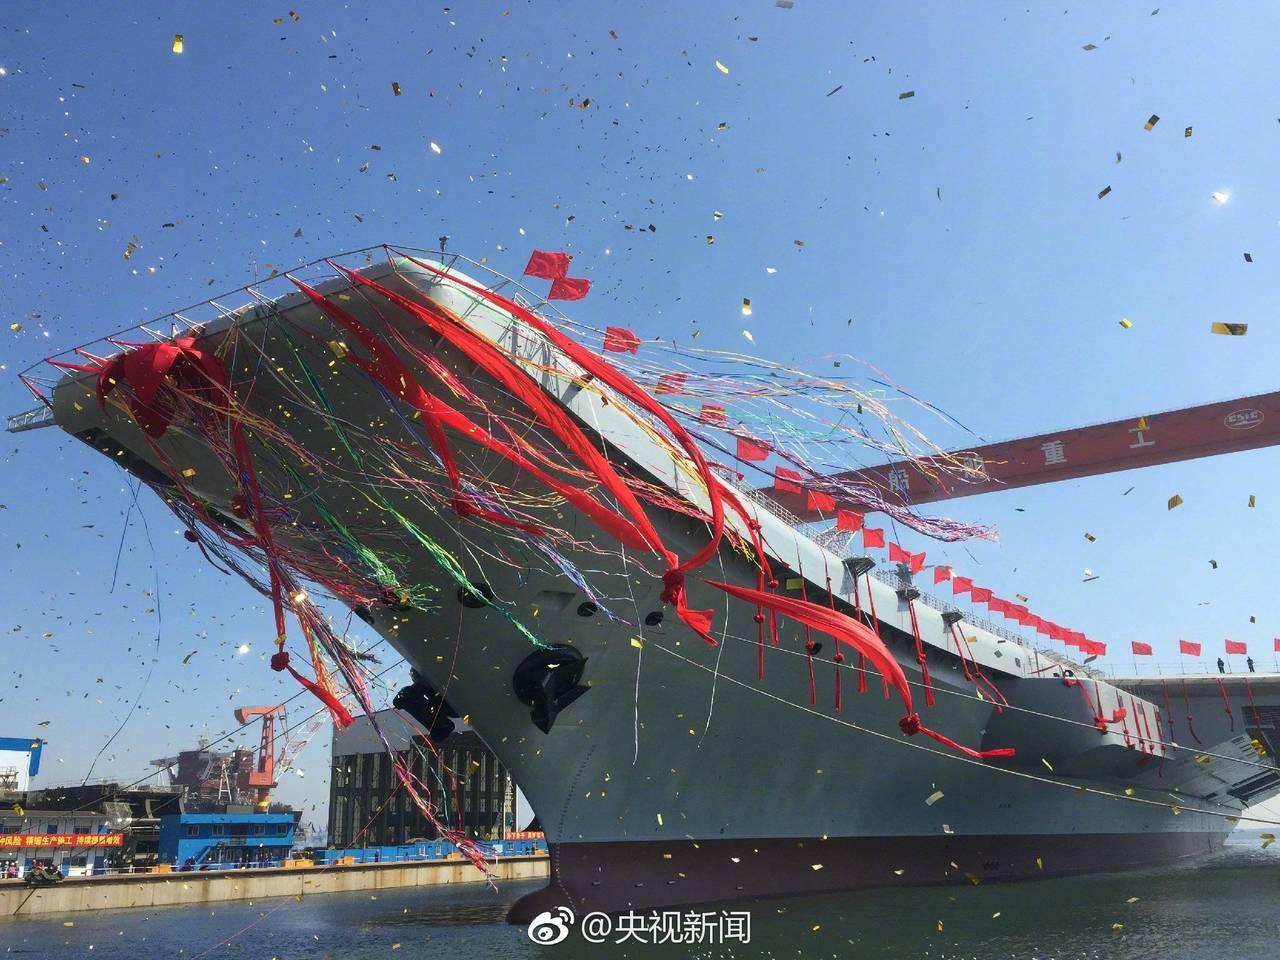 2017年,中共自製航艦在大連下水。圖/引自央視微博